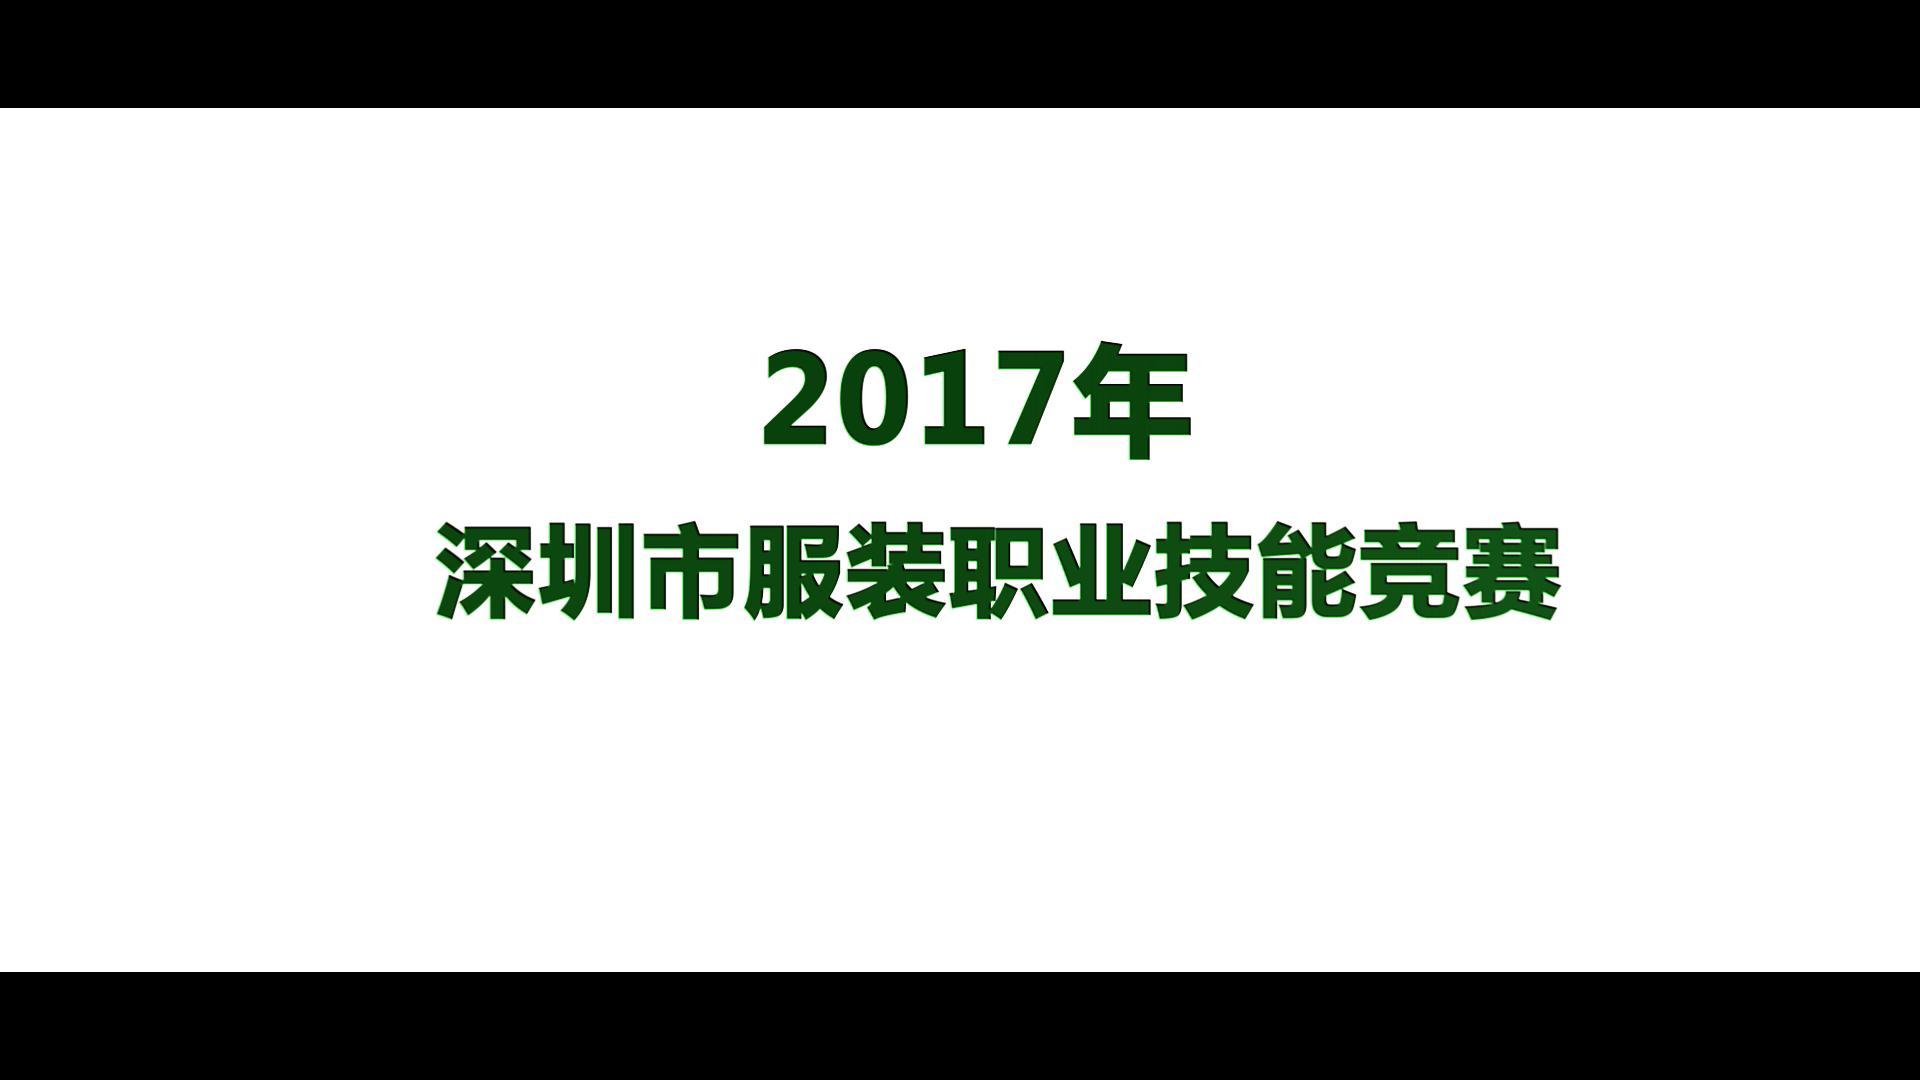 深圳市服装职业技能竞赛 启动